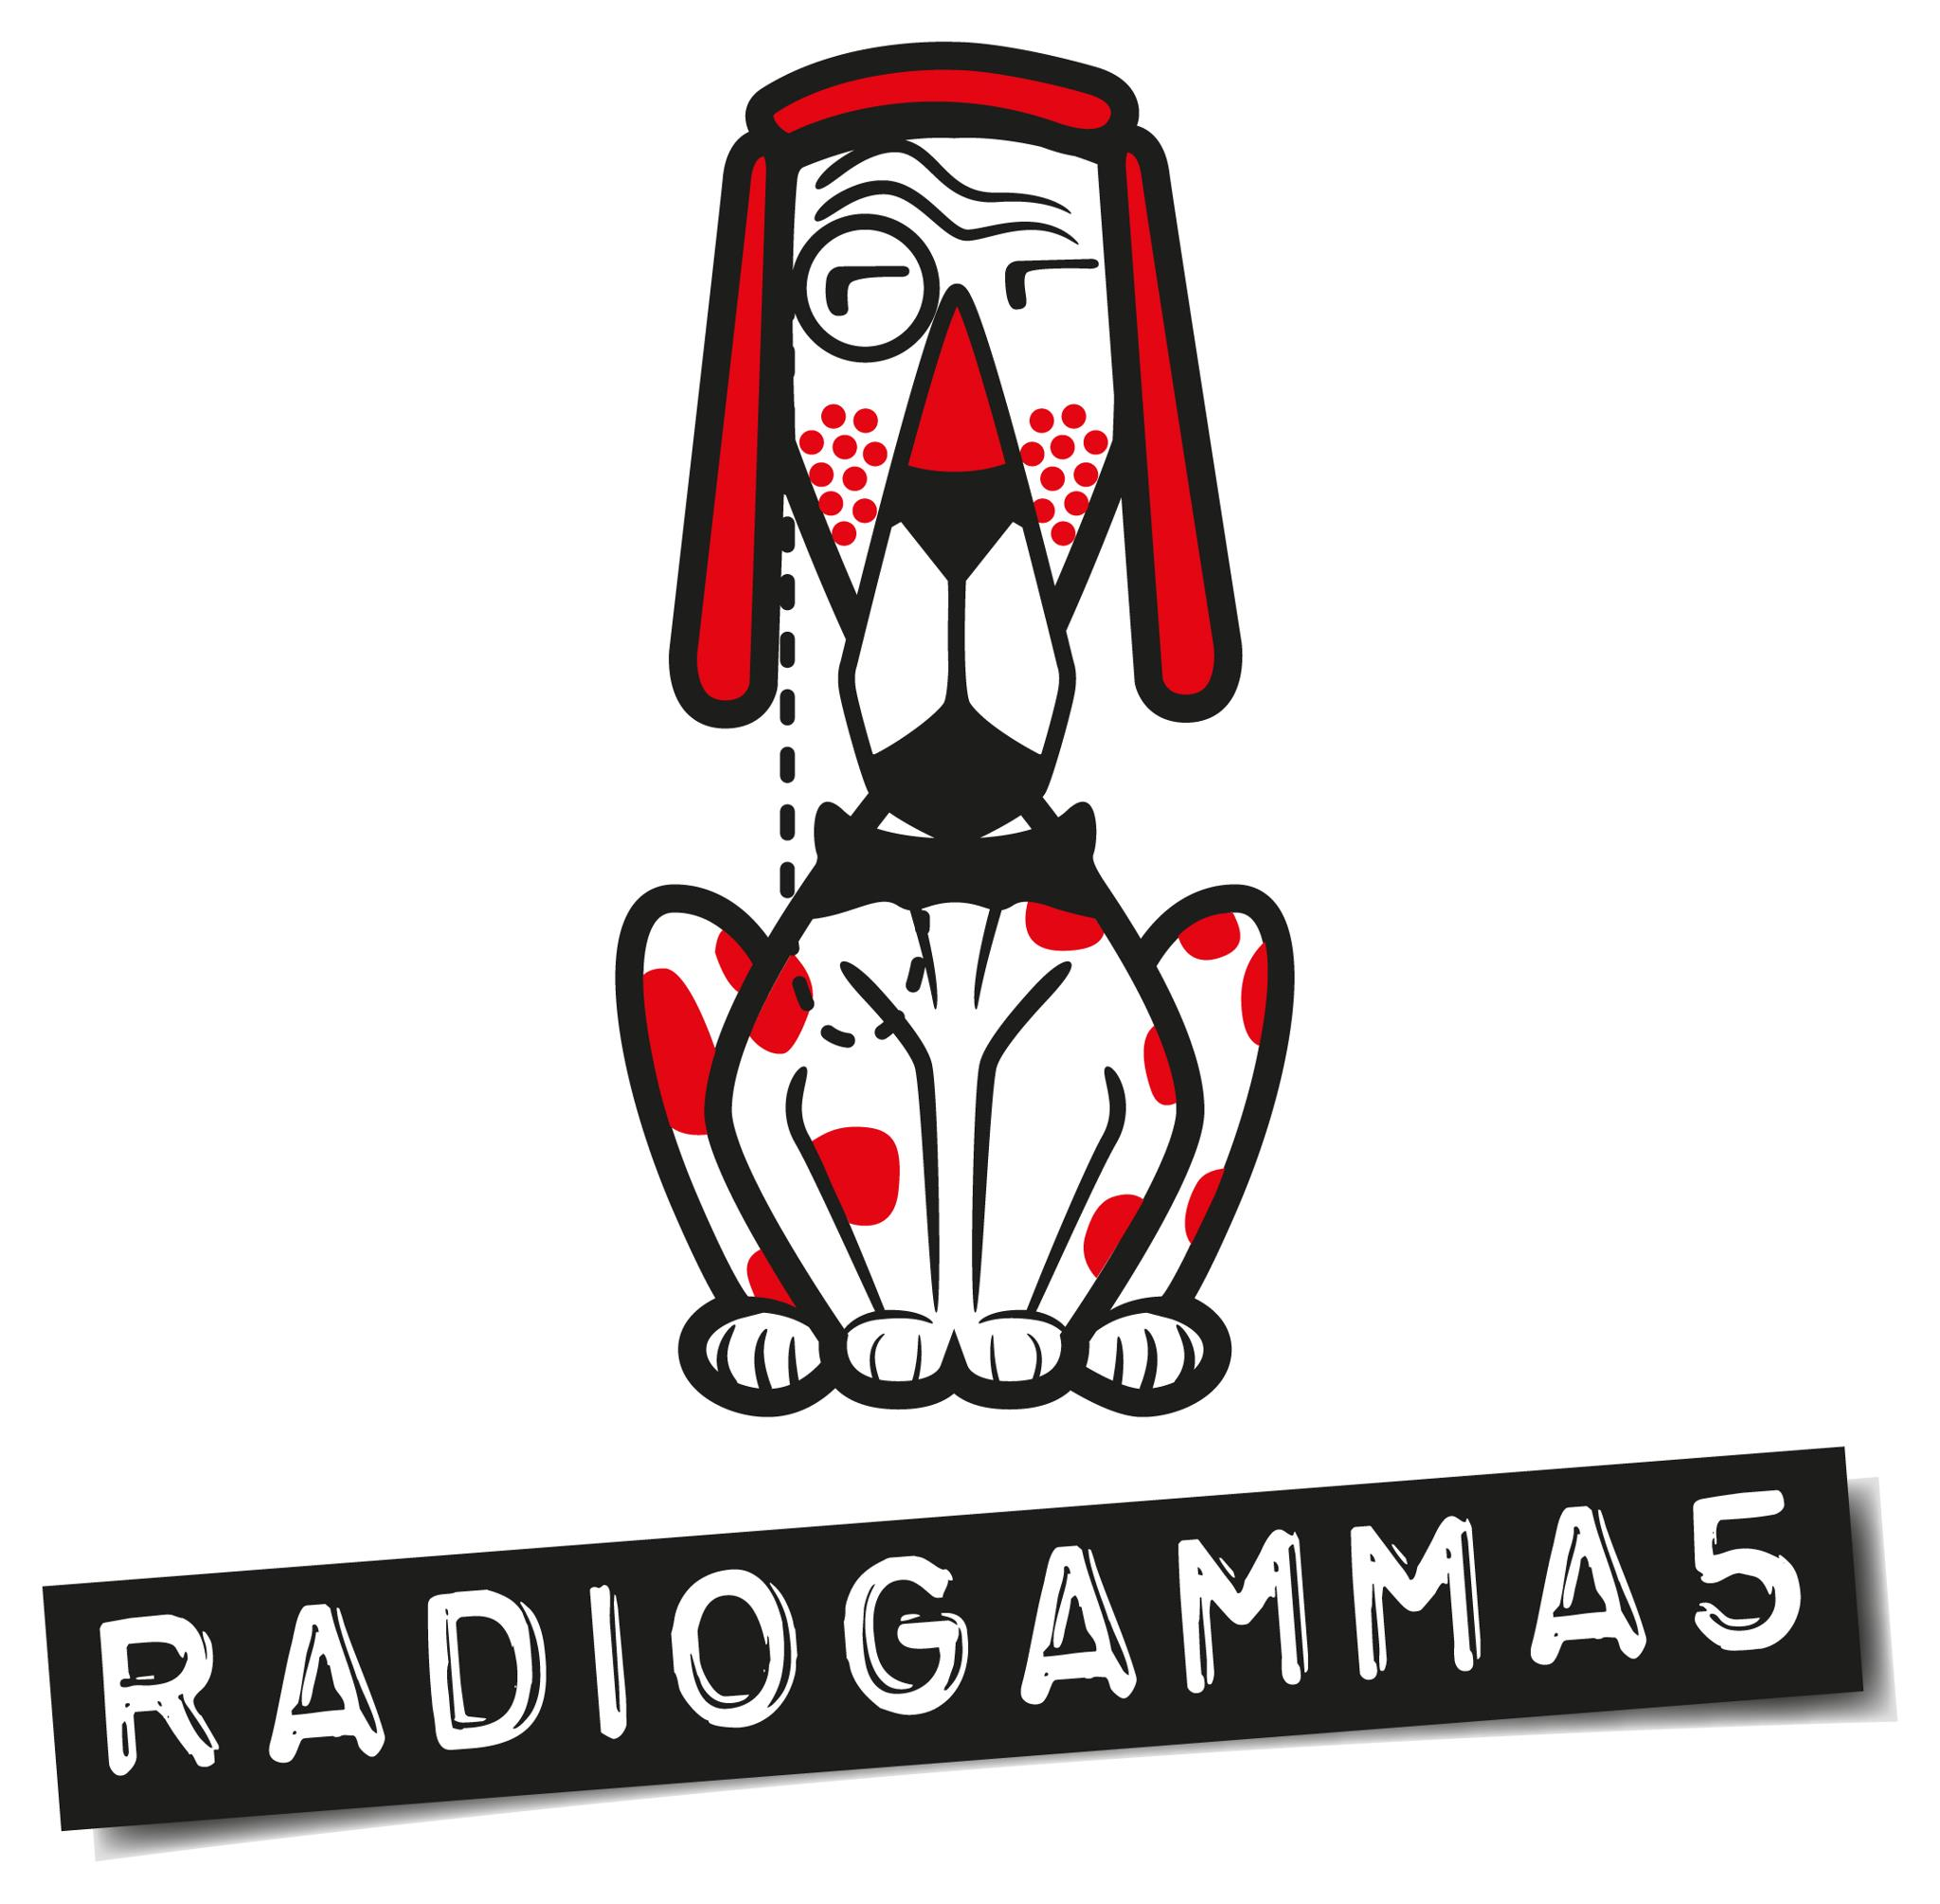 LOGO RADIO GAMMA 5